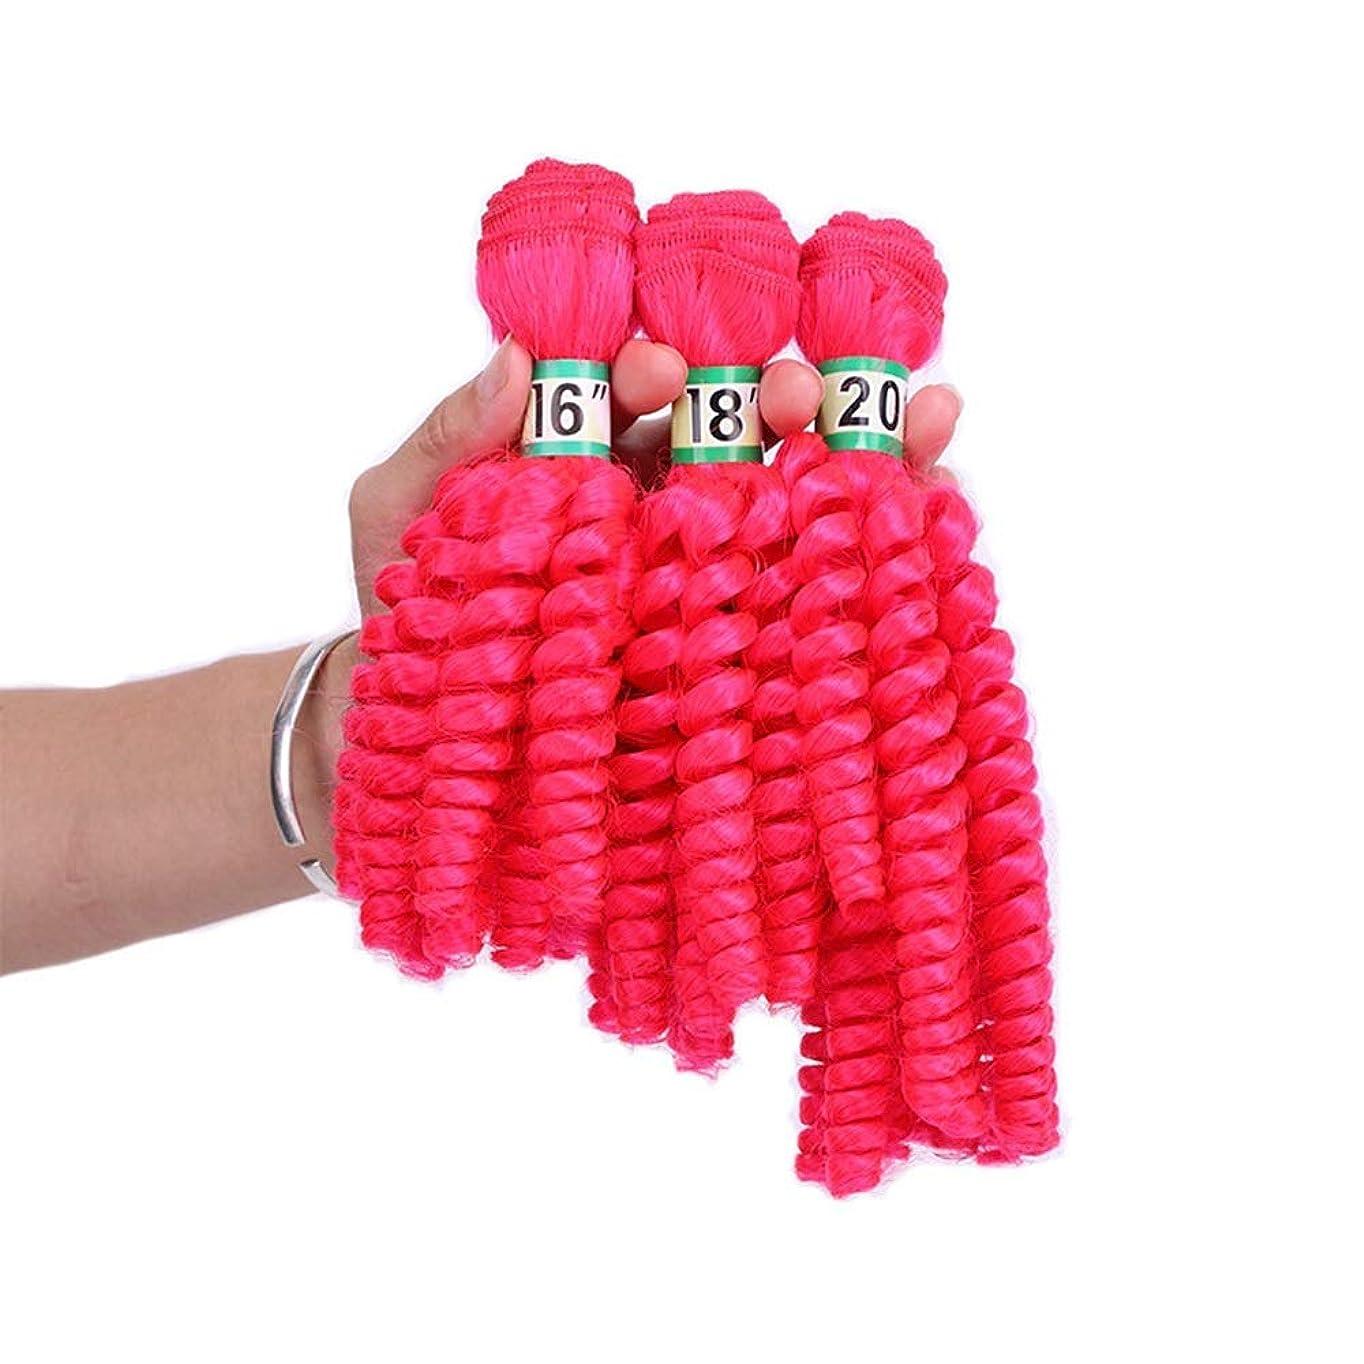 放射能鉛散髪YAHONGOE Funmi巻き毛3束 - ピンクの髪の束ゆるい巻き毛の髪の拡張子70 g/pcフルヘッド複合ヘアレースかつらロールプレイングかつらロングとショートの女性自然 (色 : ピンク, サイズ : 16